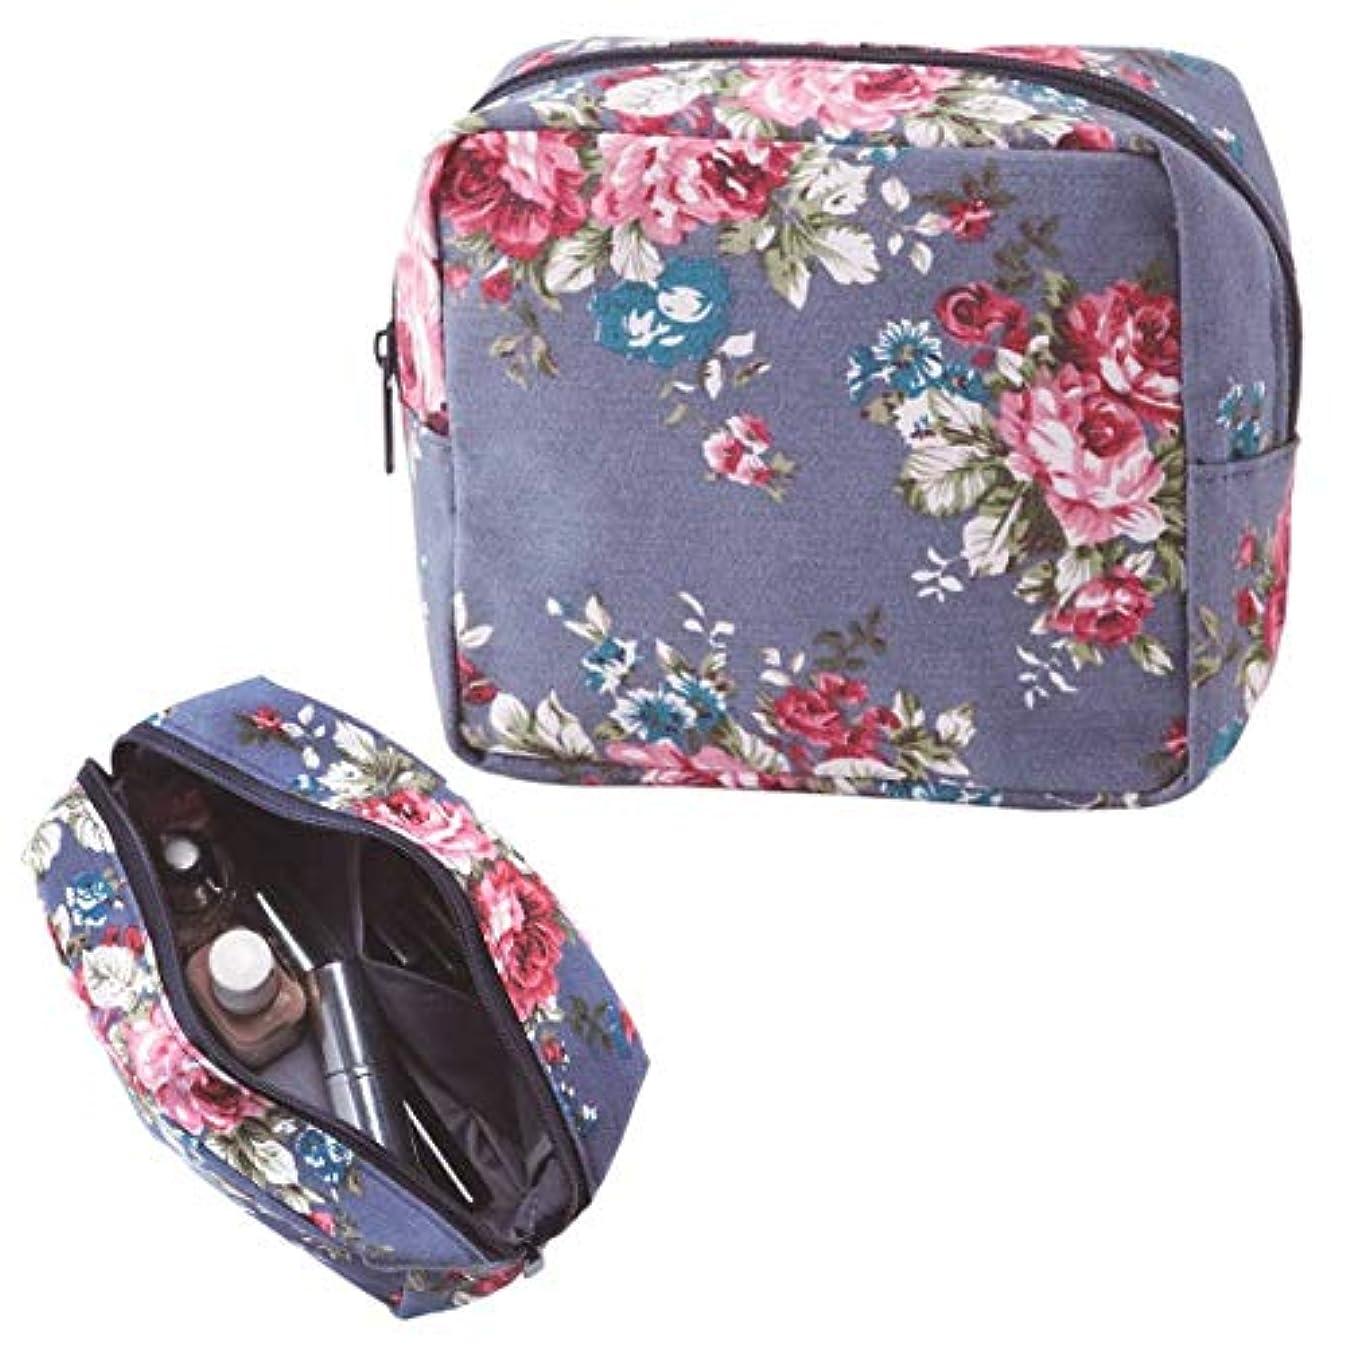 バリアために期待レトロ感のあるローズ柄 花柄 化粧ポーチ コスメポーチ ボックス型ポーチ 小物入れ